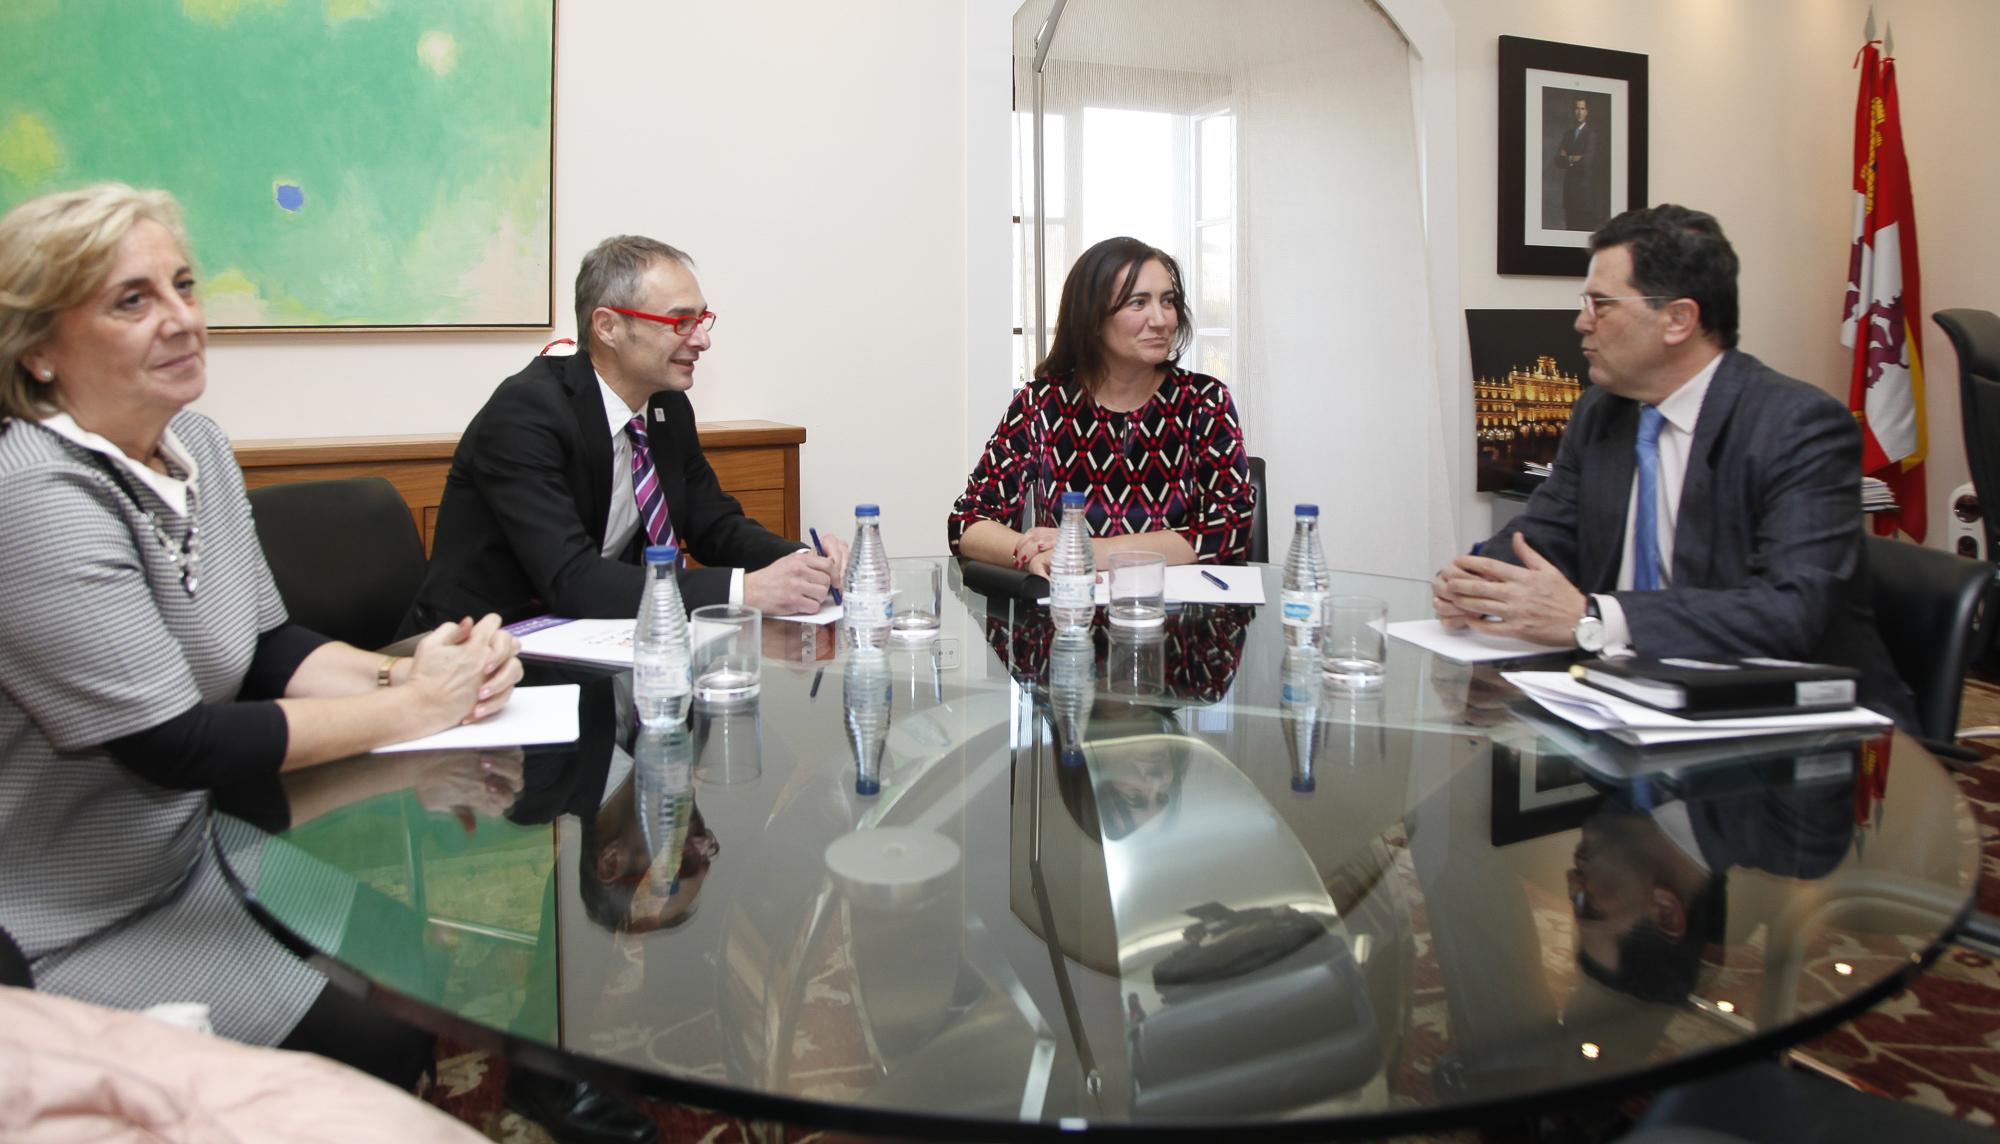 La Junta refuerza su apoyo al VIII Centenario de la Universidad de Salamanca con acciones culturales y turísticas